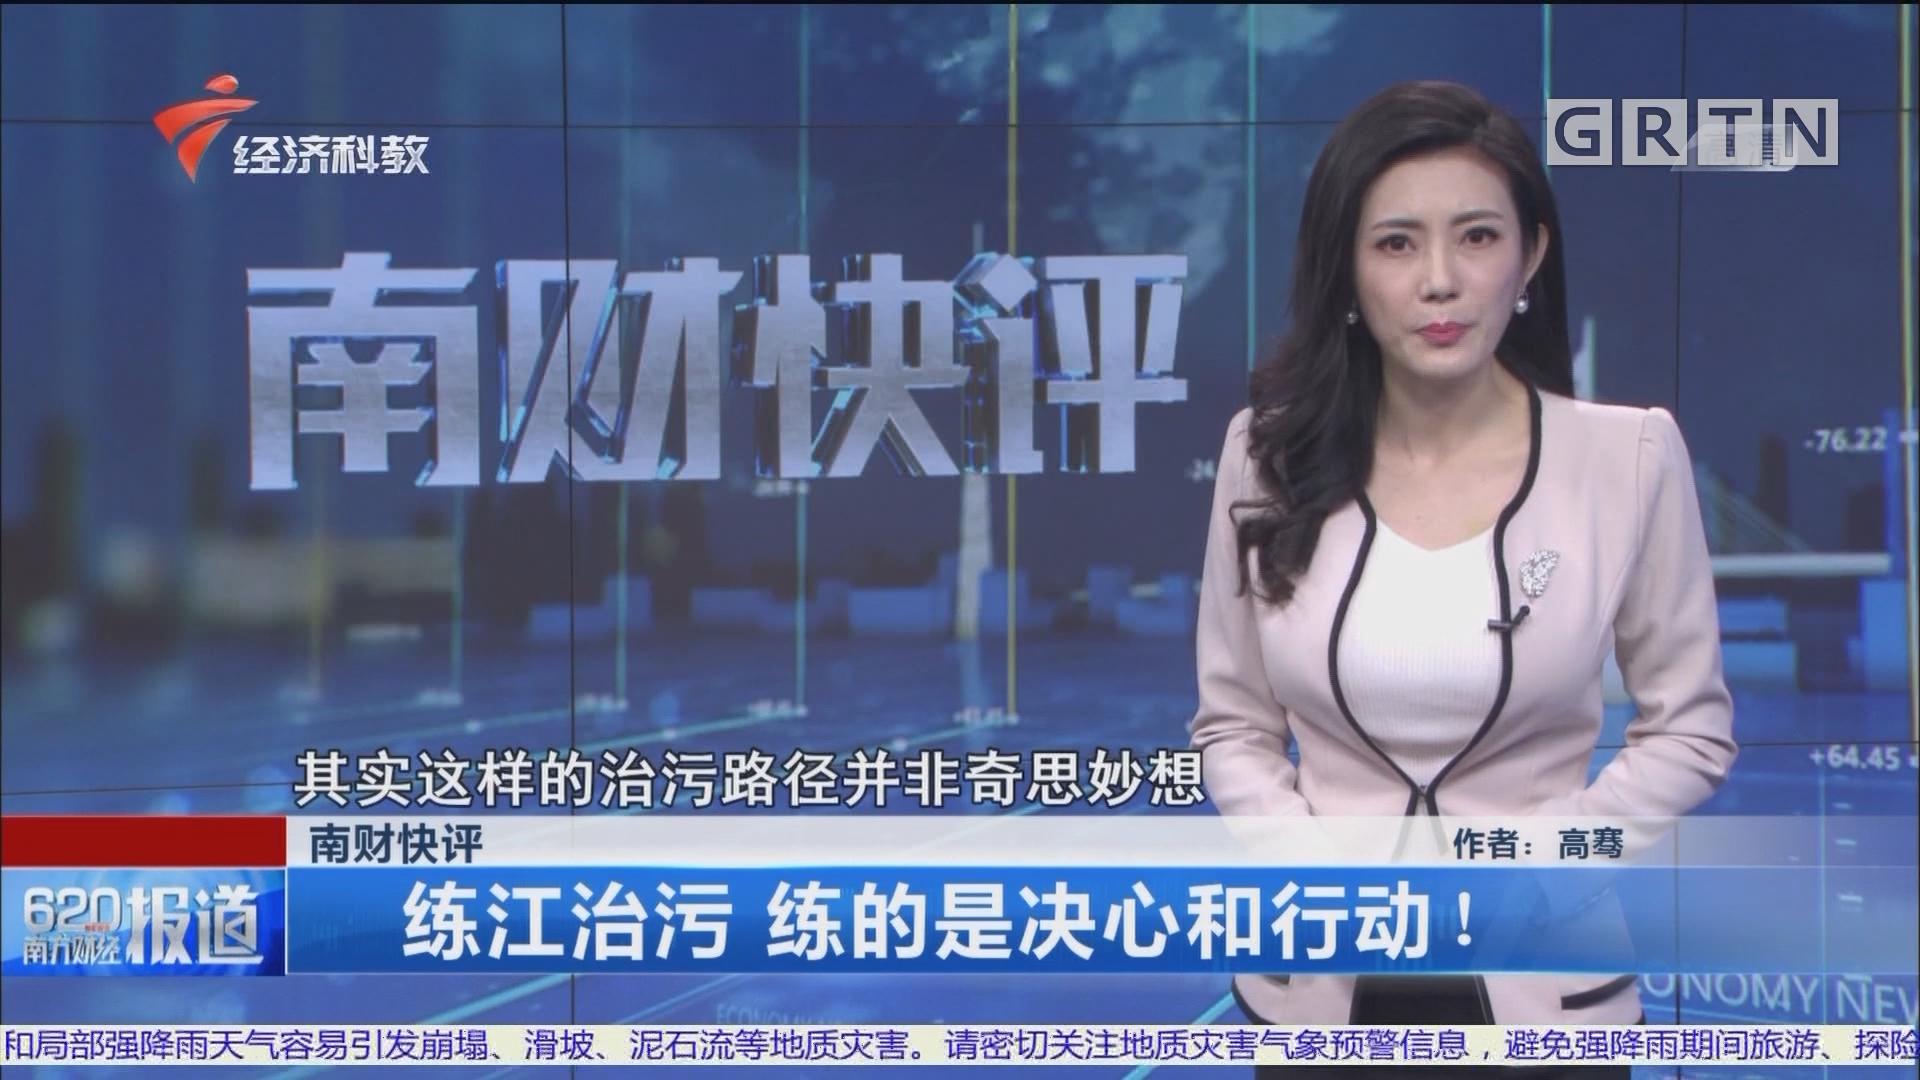 南财快评 练江治污 练的是决心和行动!